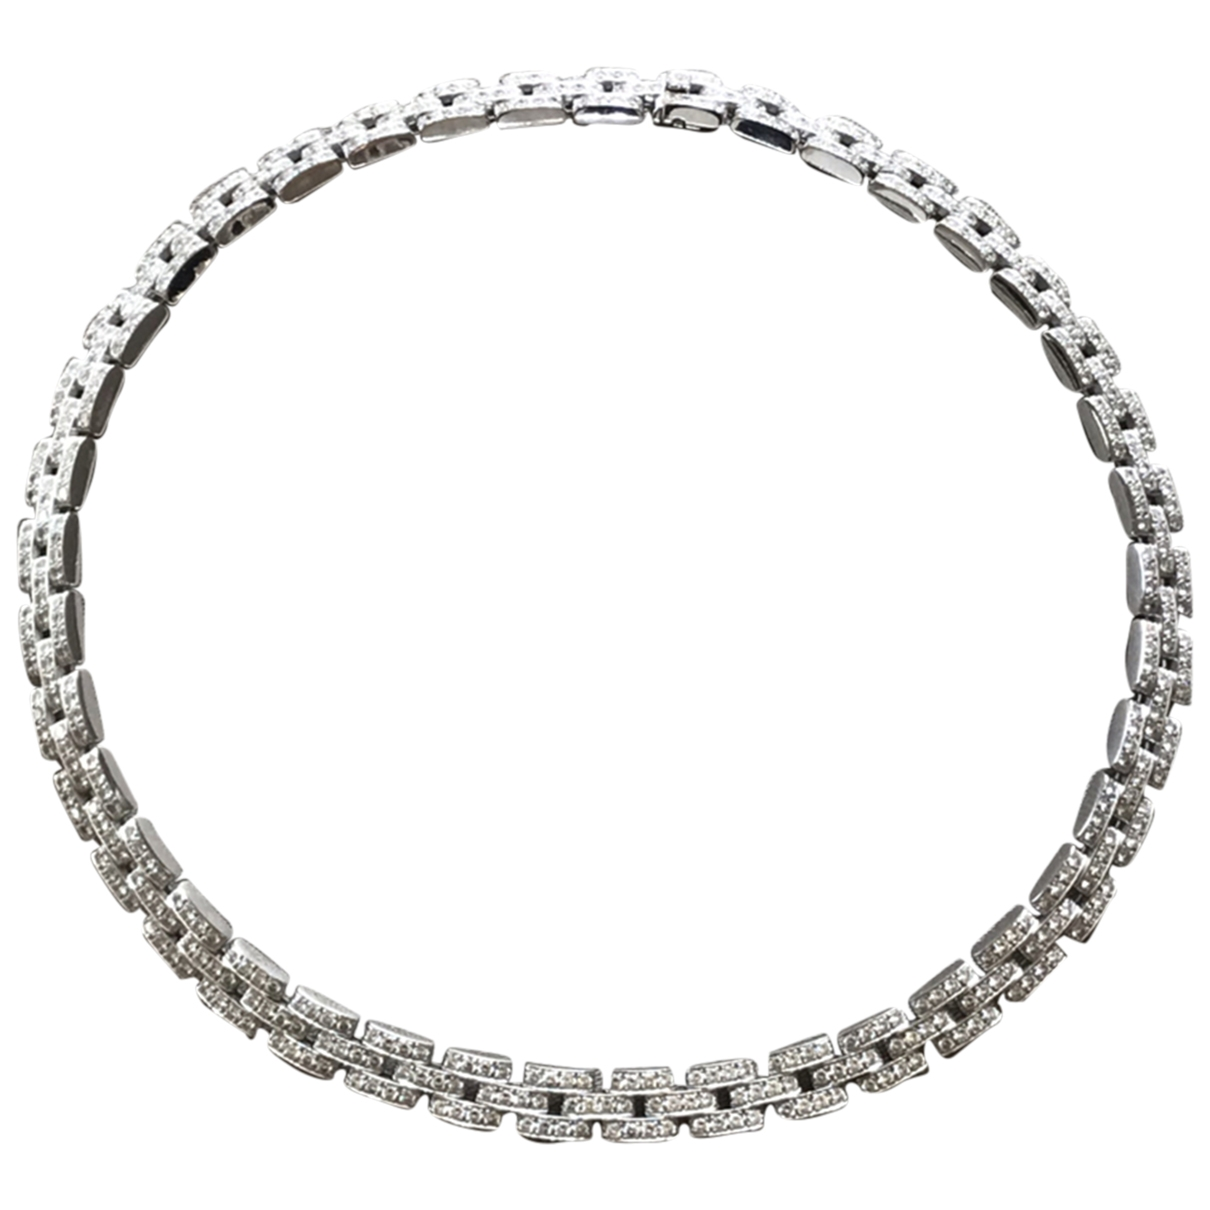 Cartier - Collier Panthere pour femme en or blanc - argente